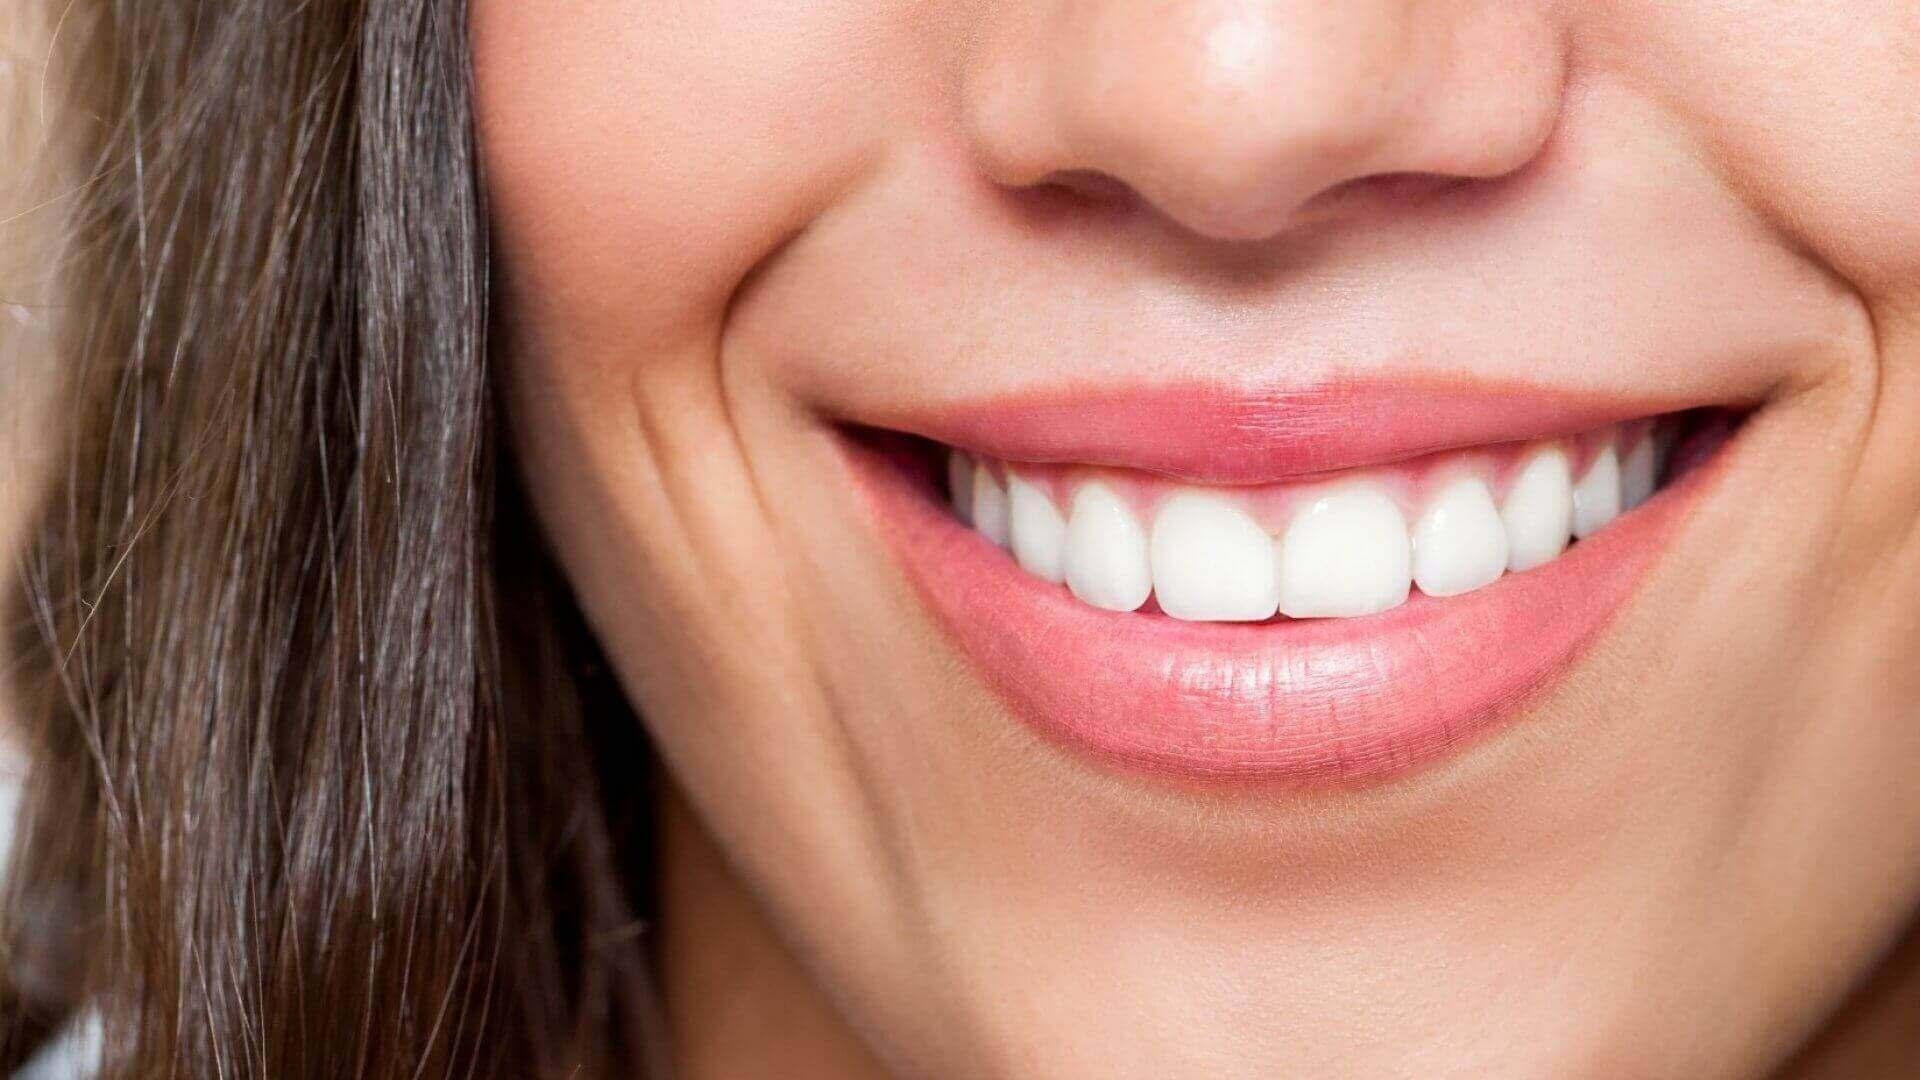 Mutluluk Hormonu Serotonin Nedir? Nasıl Arttırılır?